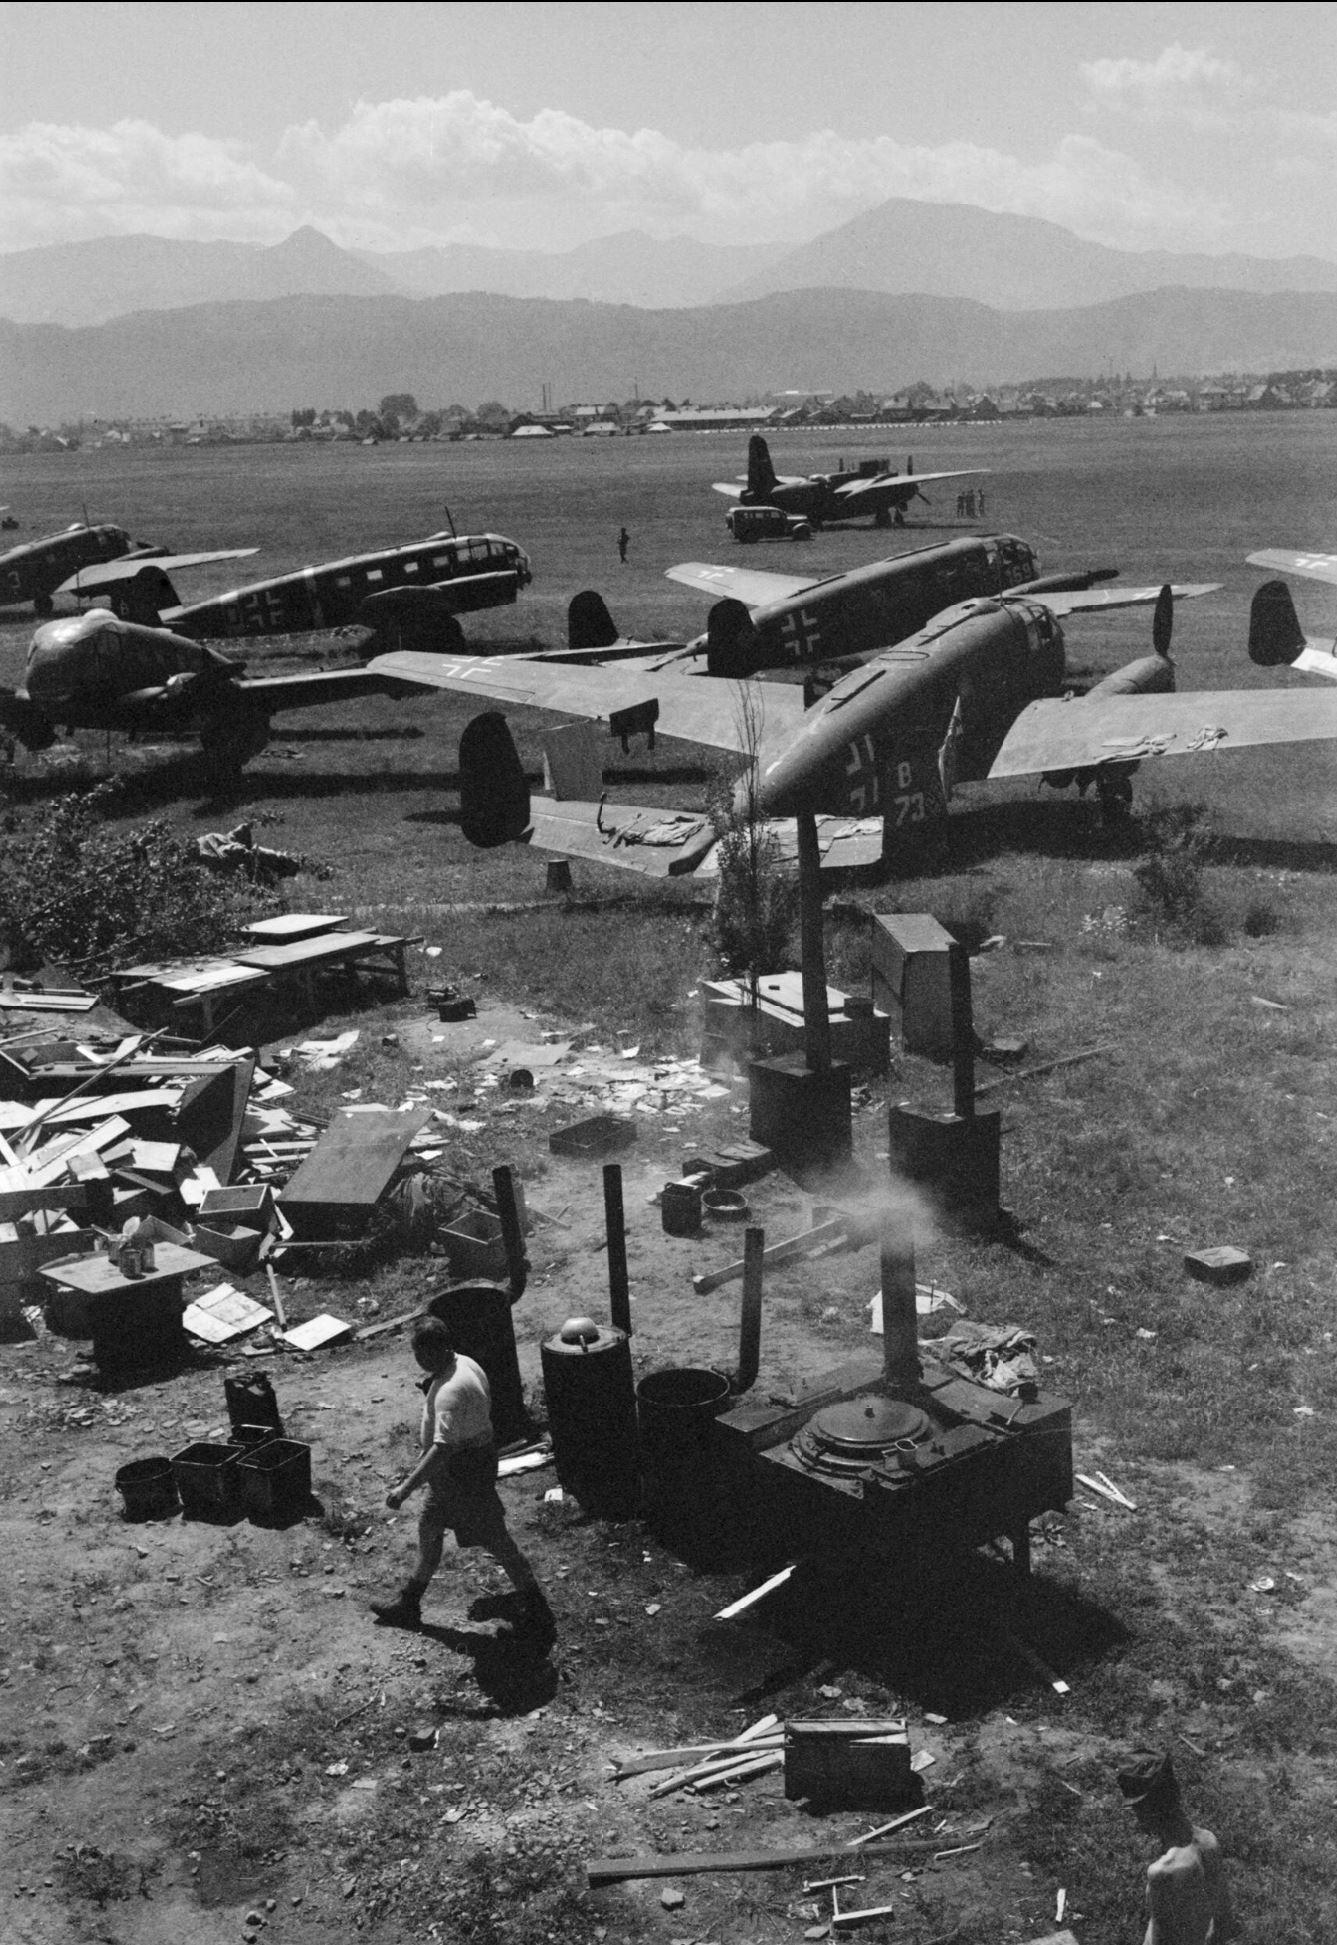 Luftwaffe Siebel Si 204 captured by RAF 232 Wing at Klagenfurt Austria IWM CNA3636